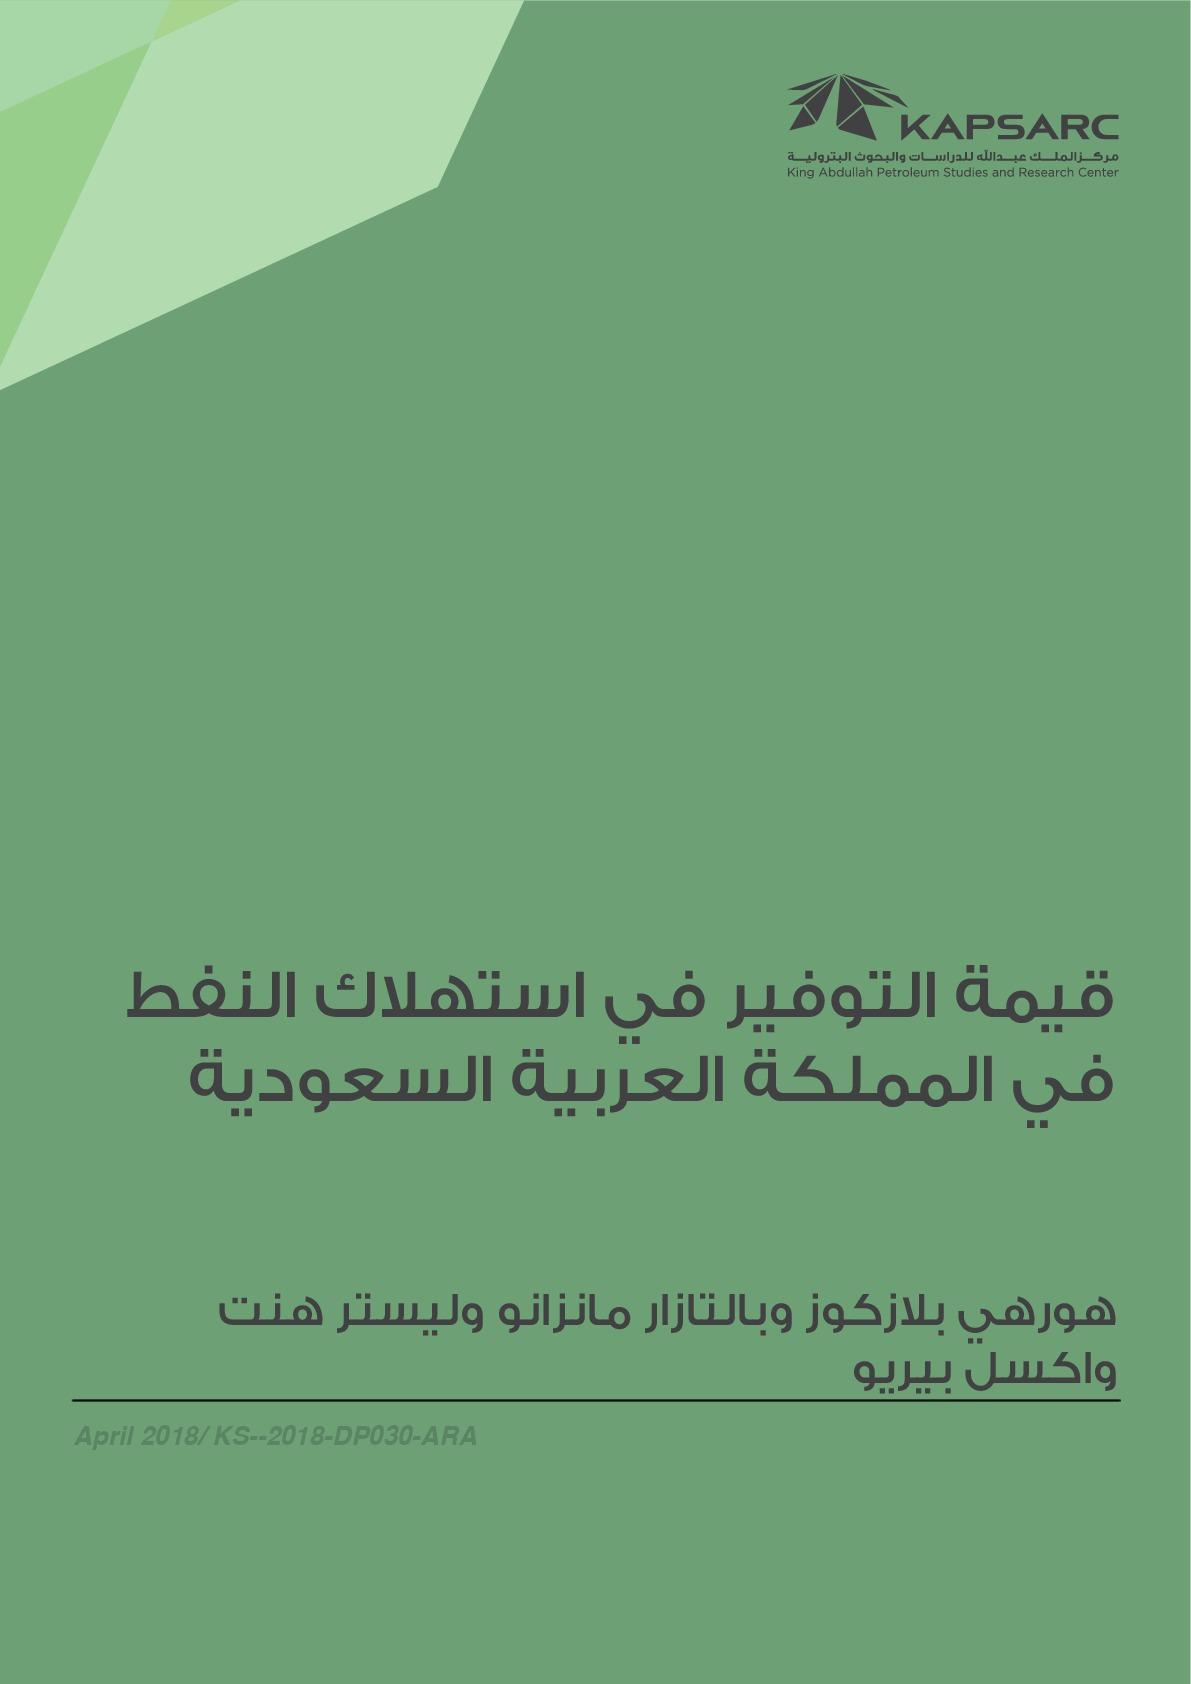 قيمة التوفير في استهلاك النفط في المملكة العربية السعودية